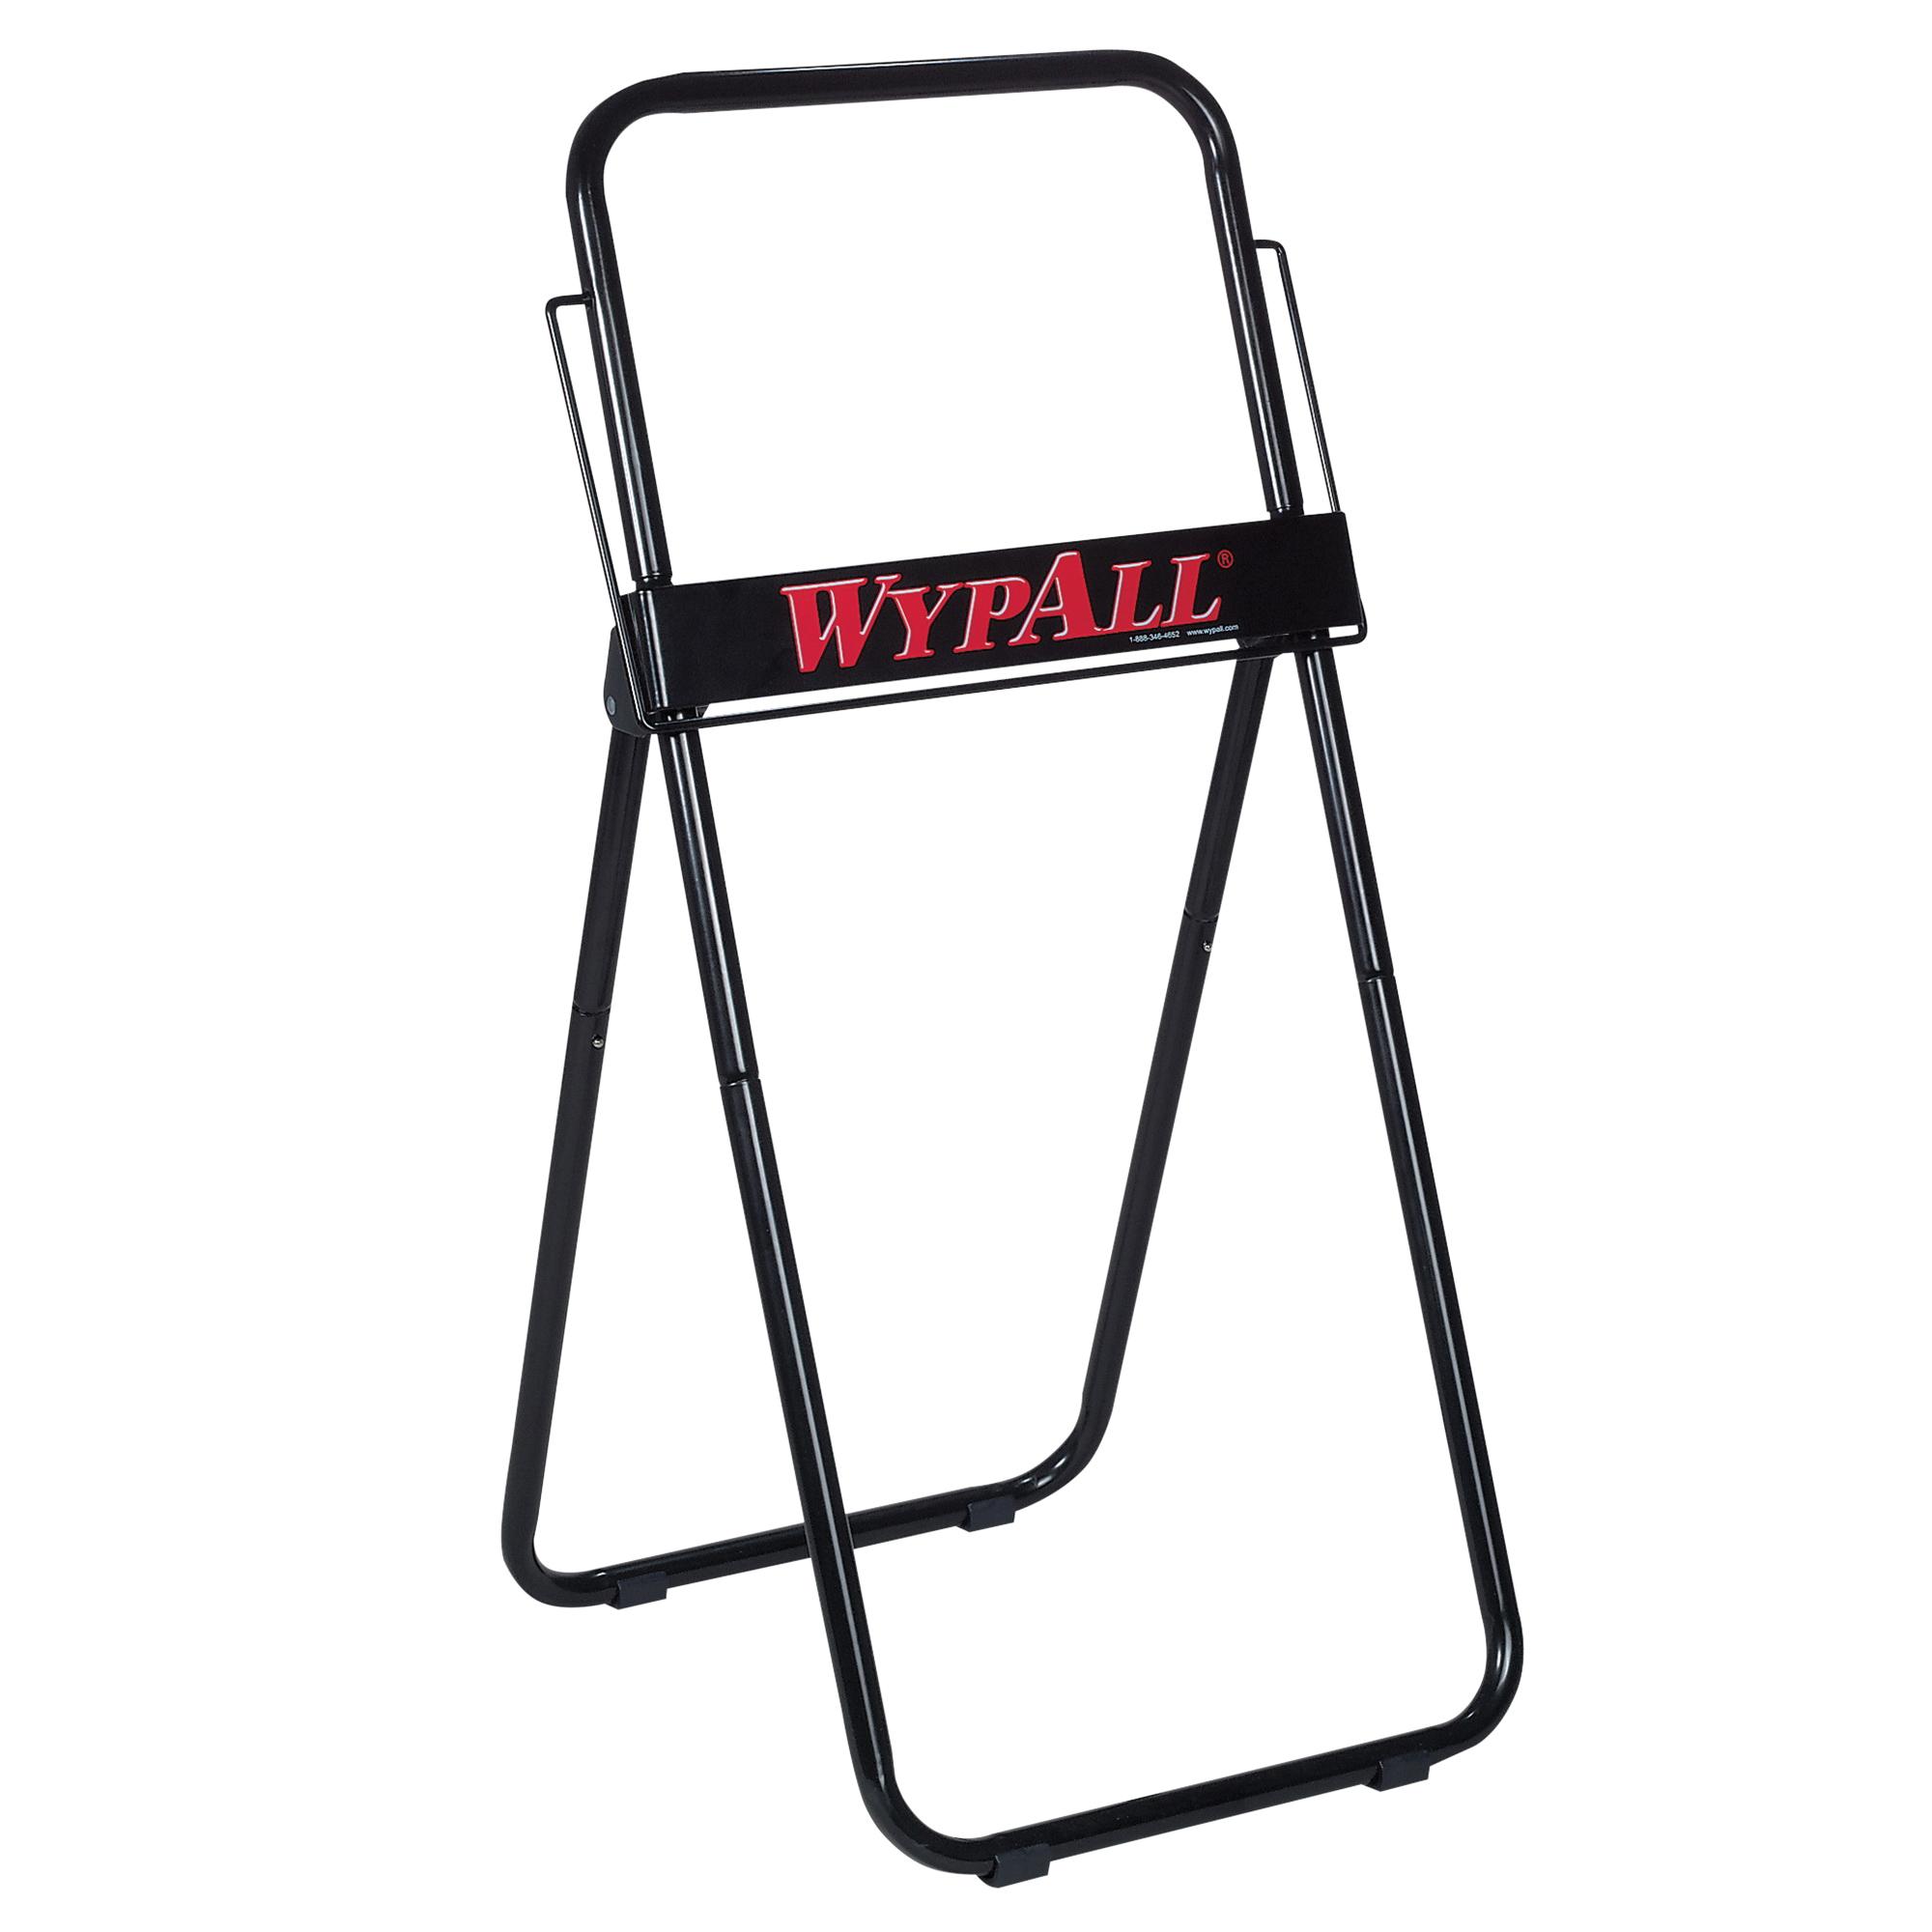 WypAll* 80579 Jumbo Roll Dispenser, 8.8 in OAL, Wall Mount, Metal, Black